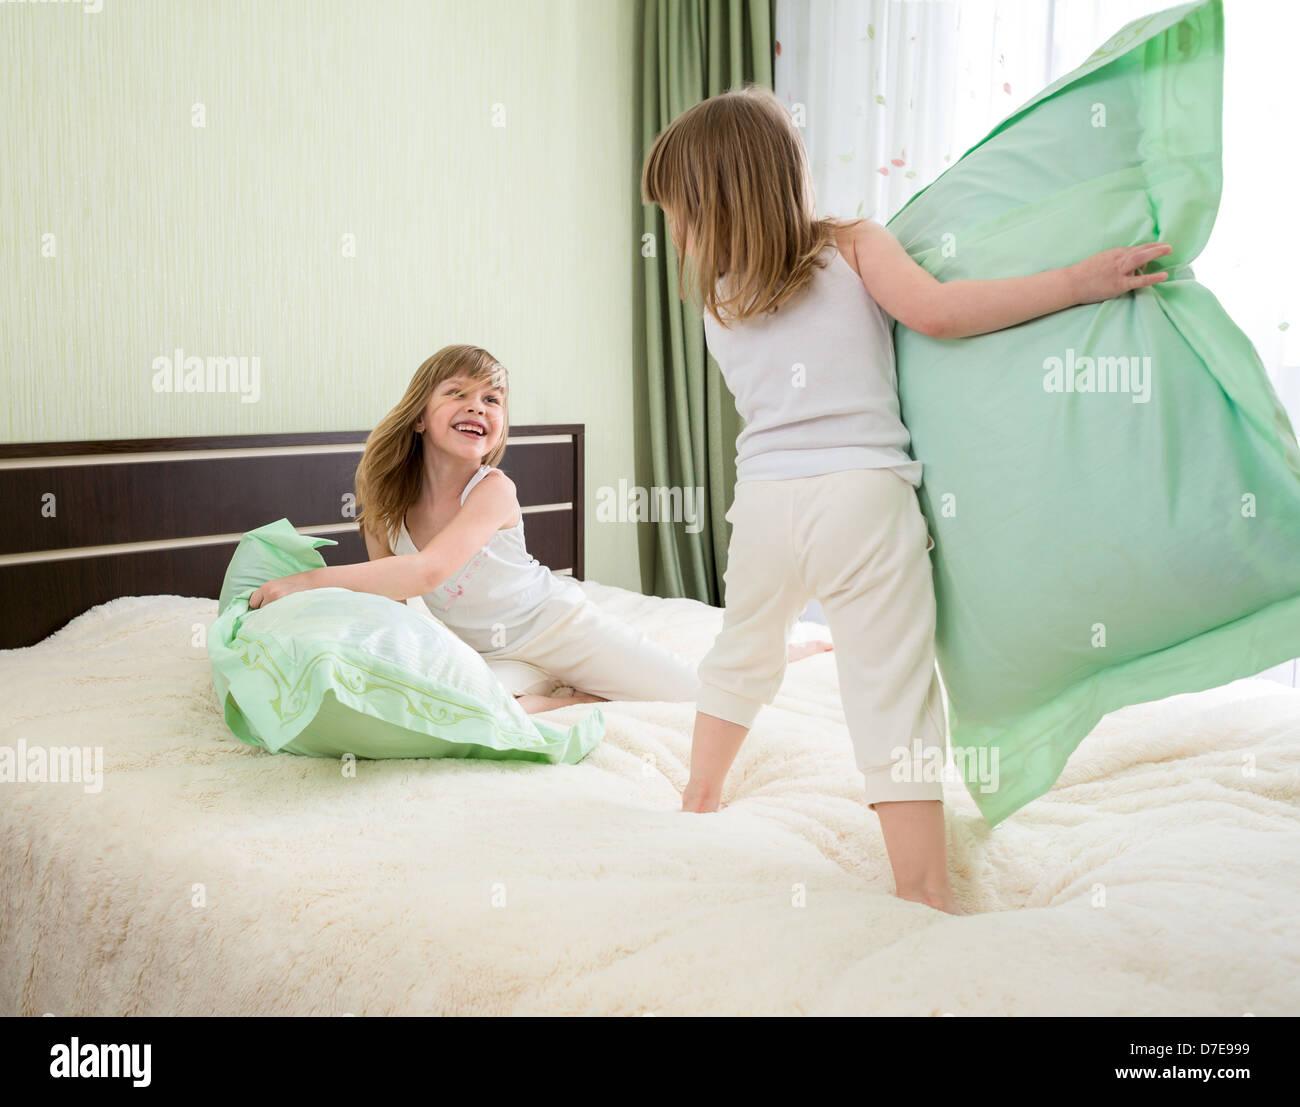 zwei Mädchen spielen mit Kissen im Schlafzimmer Stockbild